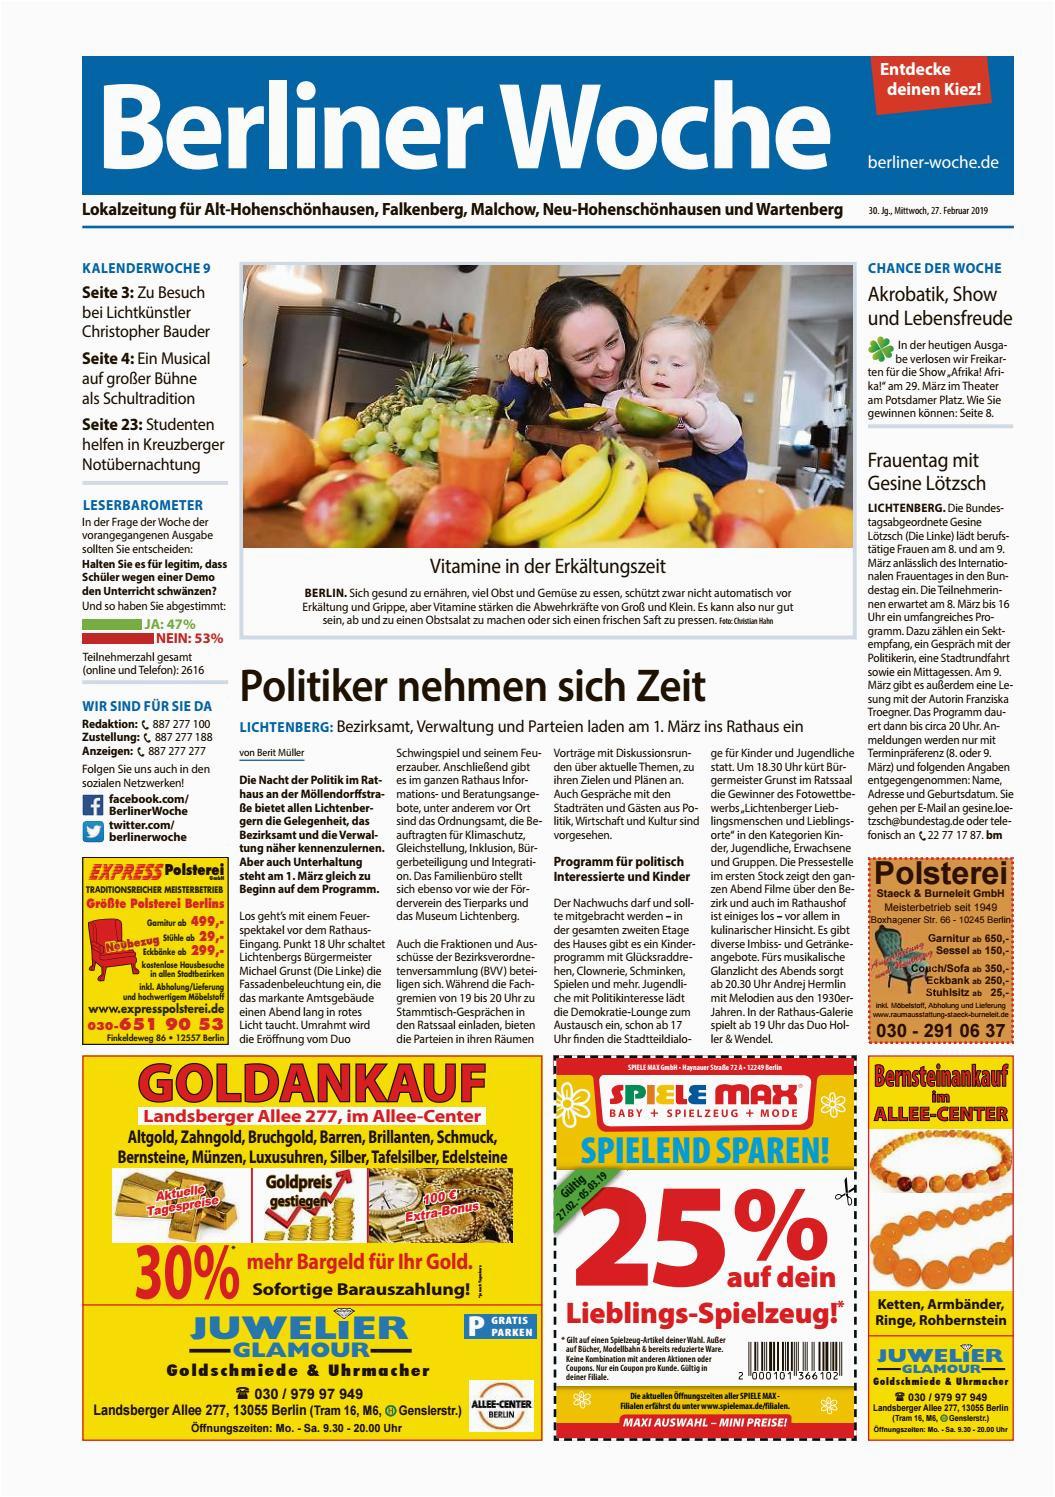 Fettiger Küchenboden L05 Hohenschönhausen by Berliner Woche issuu